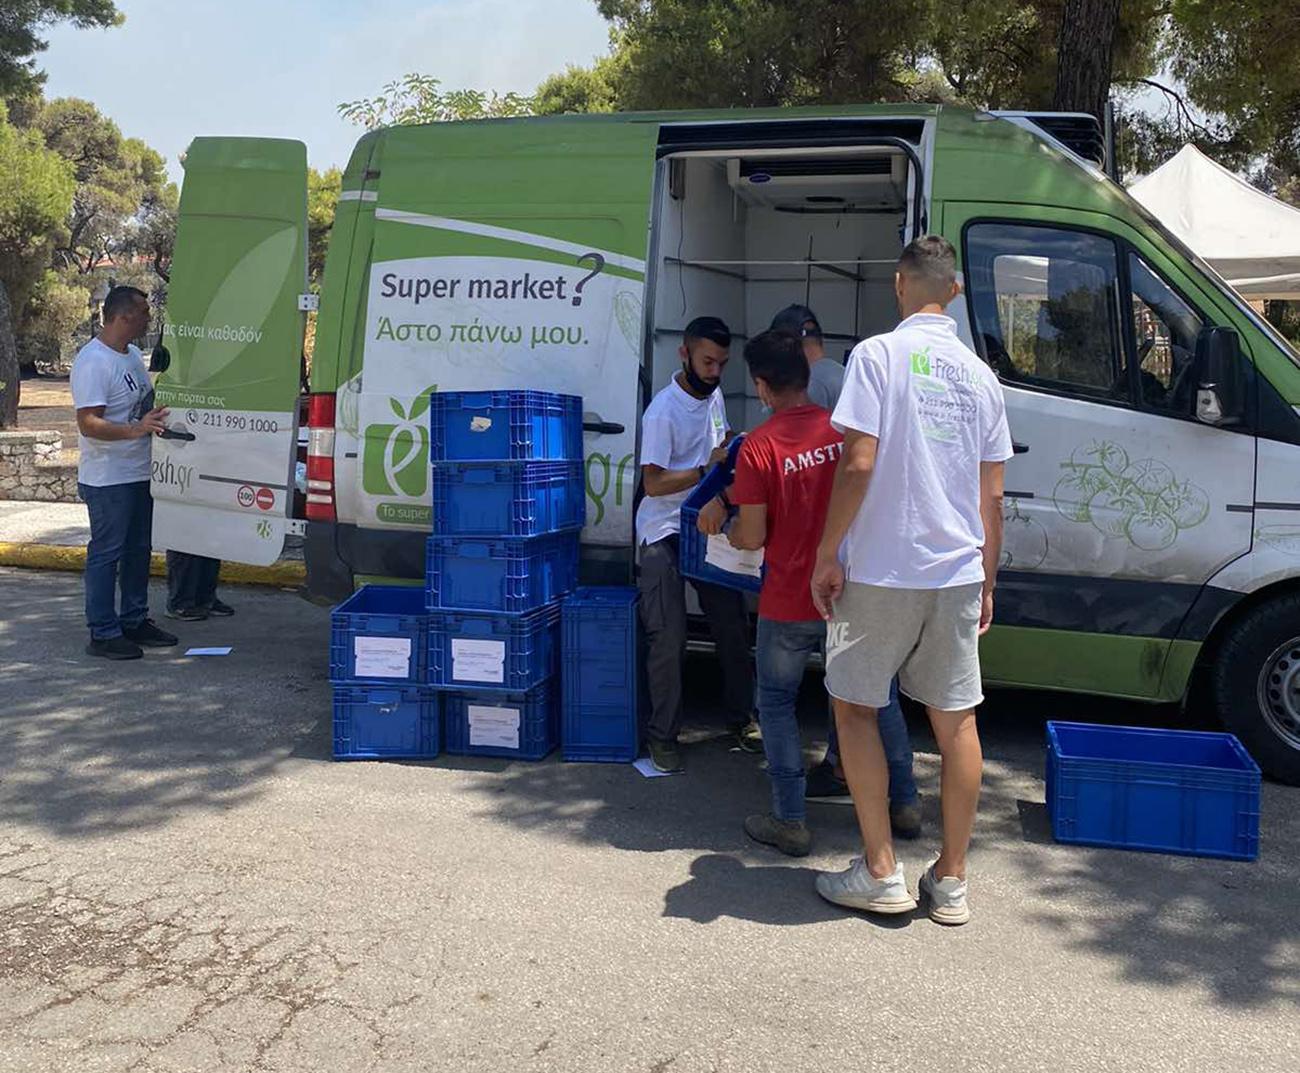 Το online supermarket e-fresh.gr στηρίζει τους πυροσβέστες στη Βαρυμπόμπη